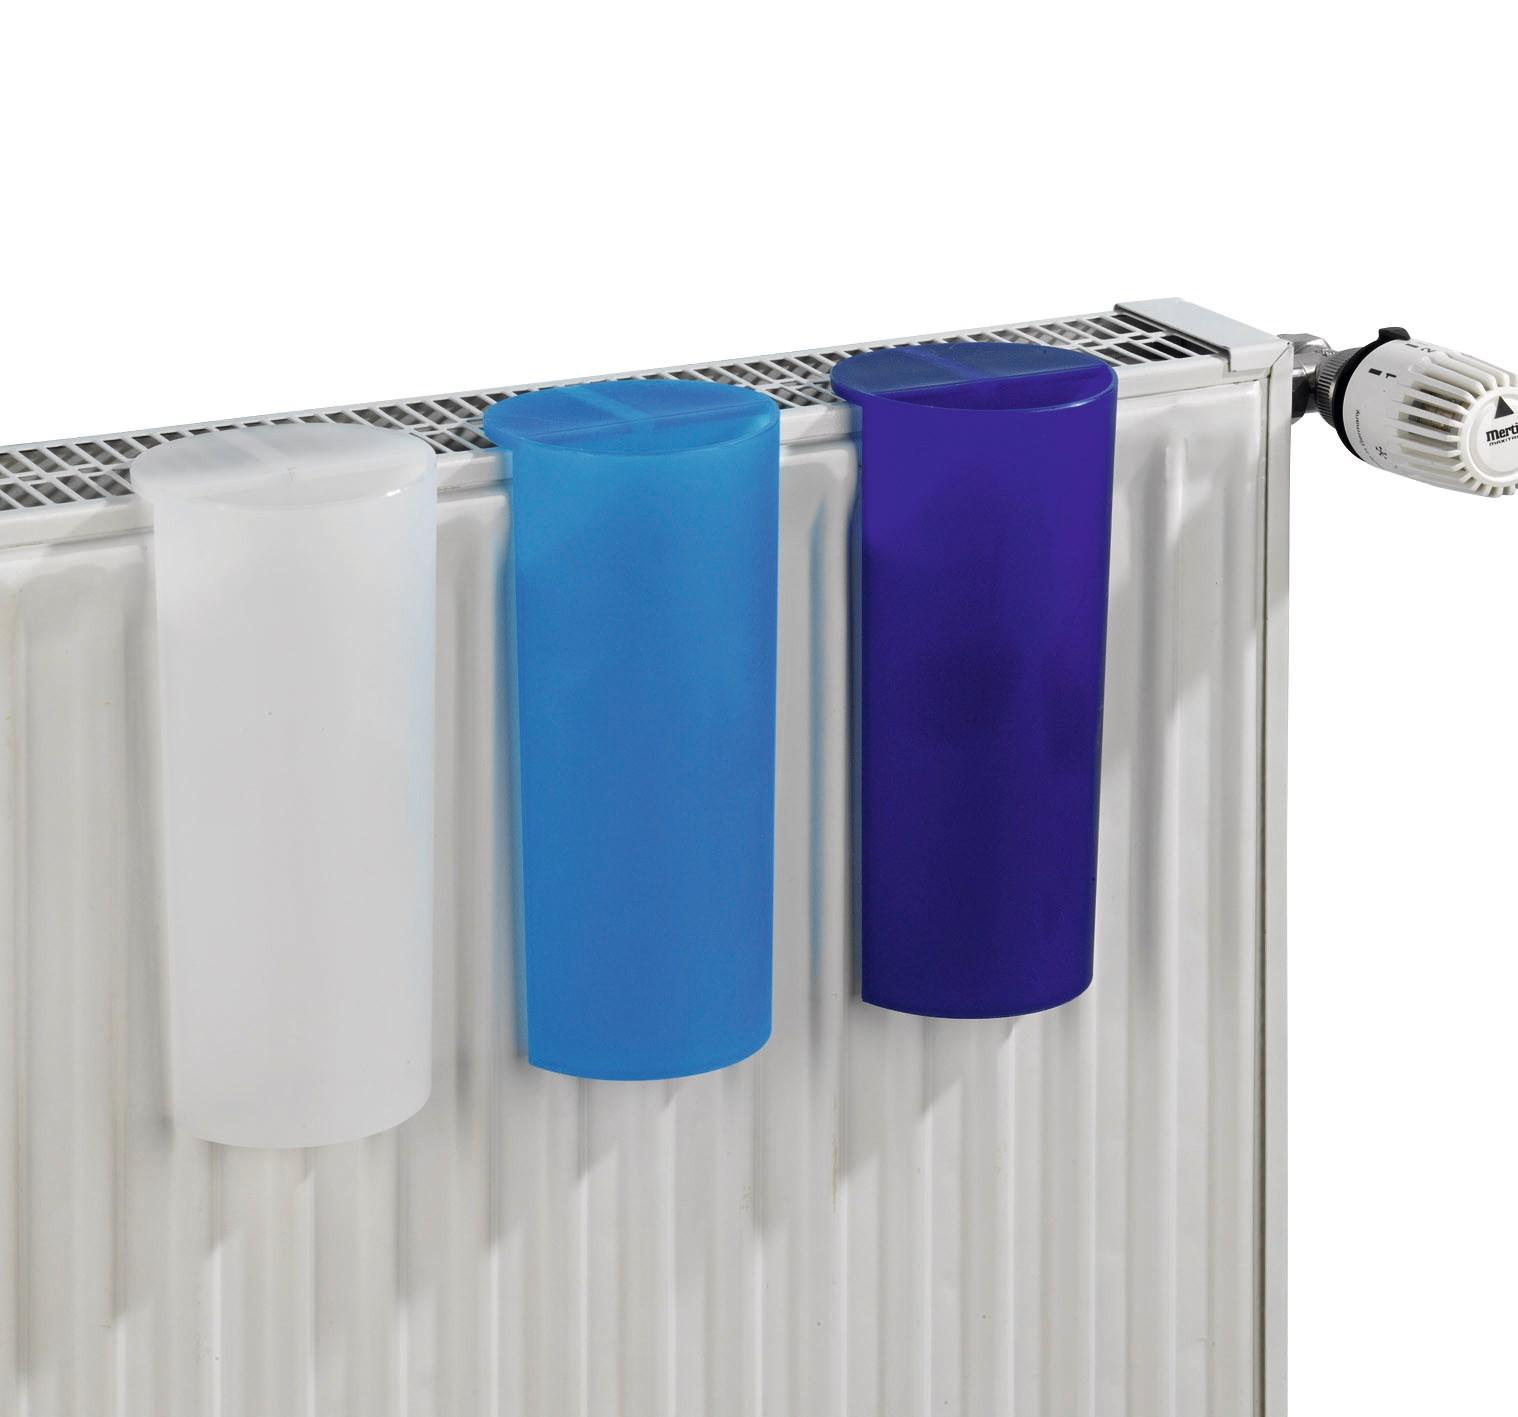 luftbefeuchter kunststoff wasserverdunster duftspender. Black Bedroom Furniture Sets. Home Design Ideas